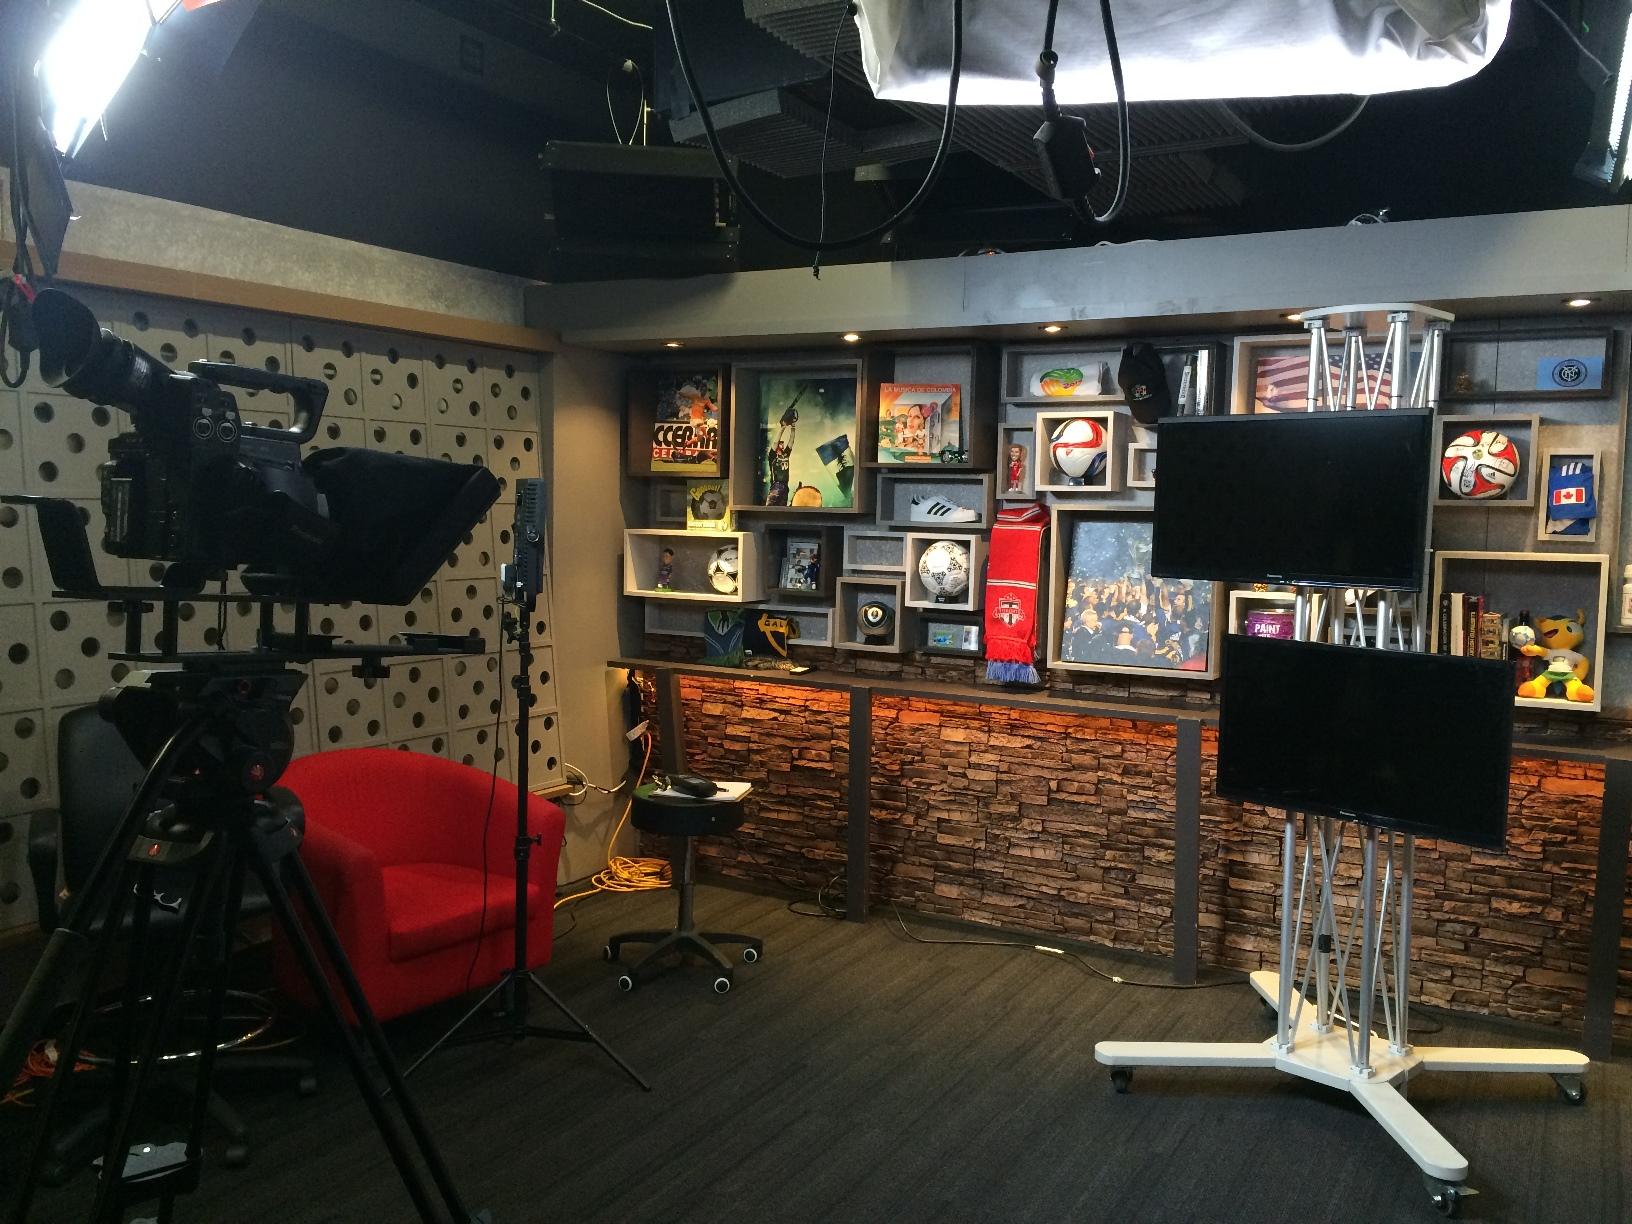 MLS Kick TV Studio